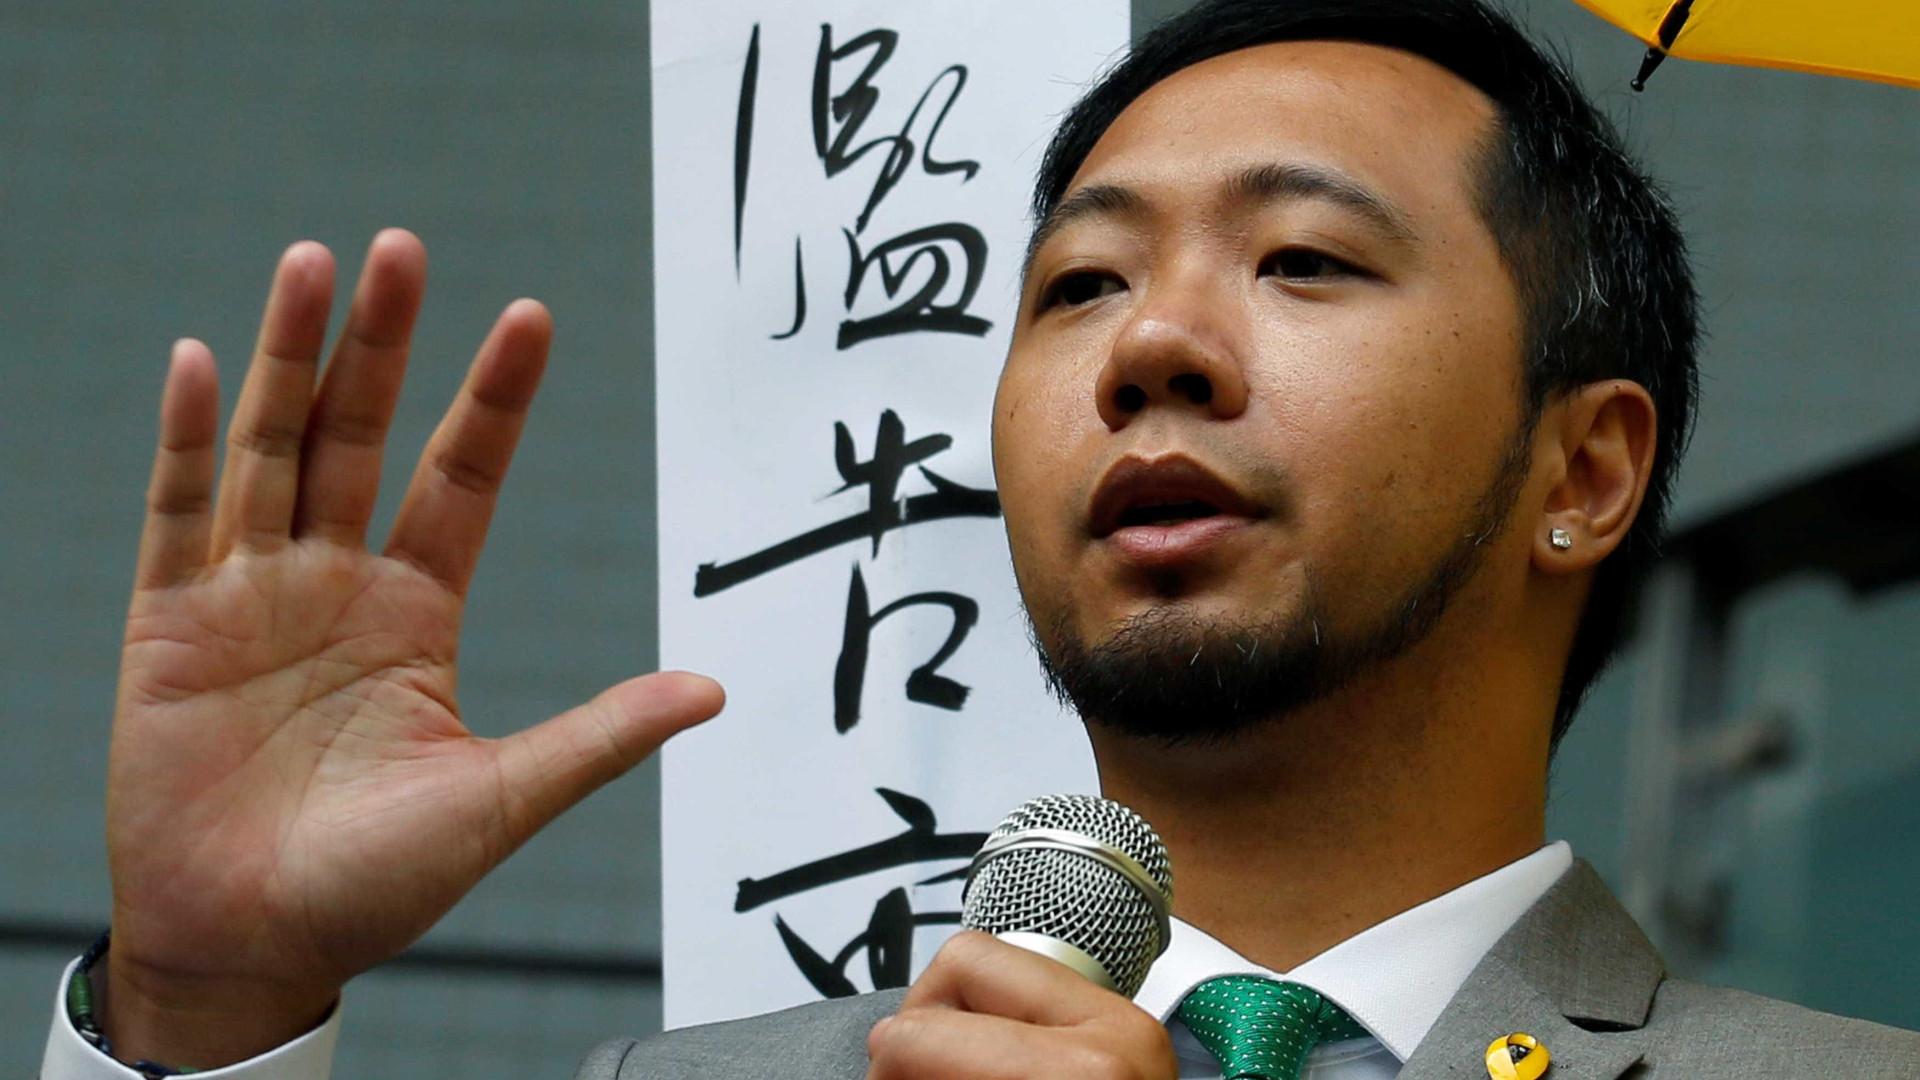 Ativista do movimento pró-democracia aceita prisão por agredir polícias